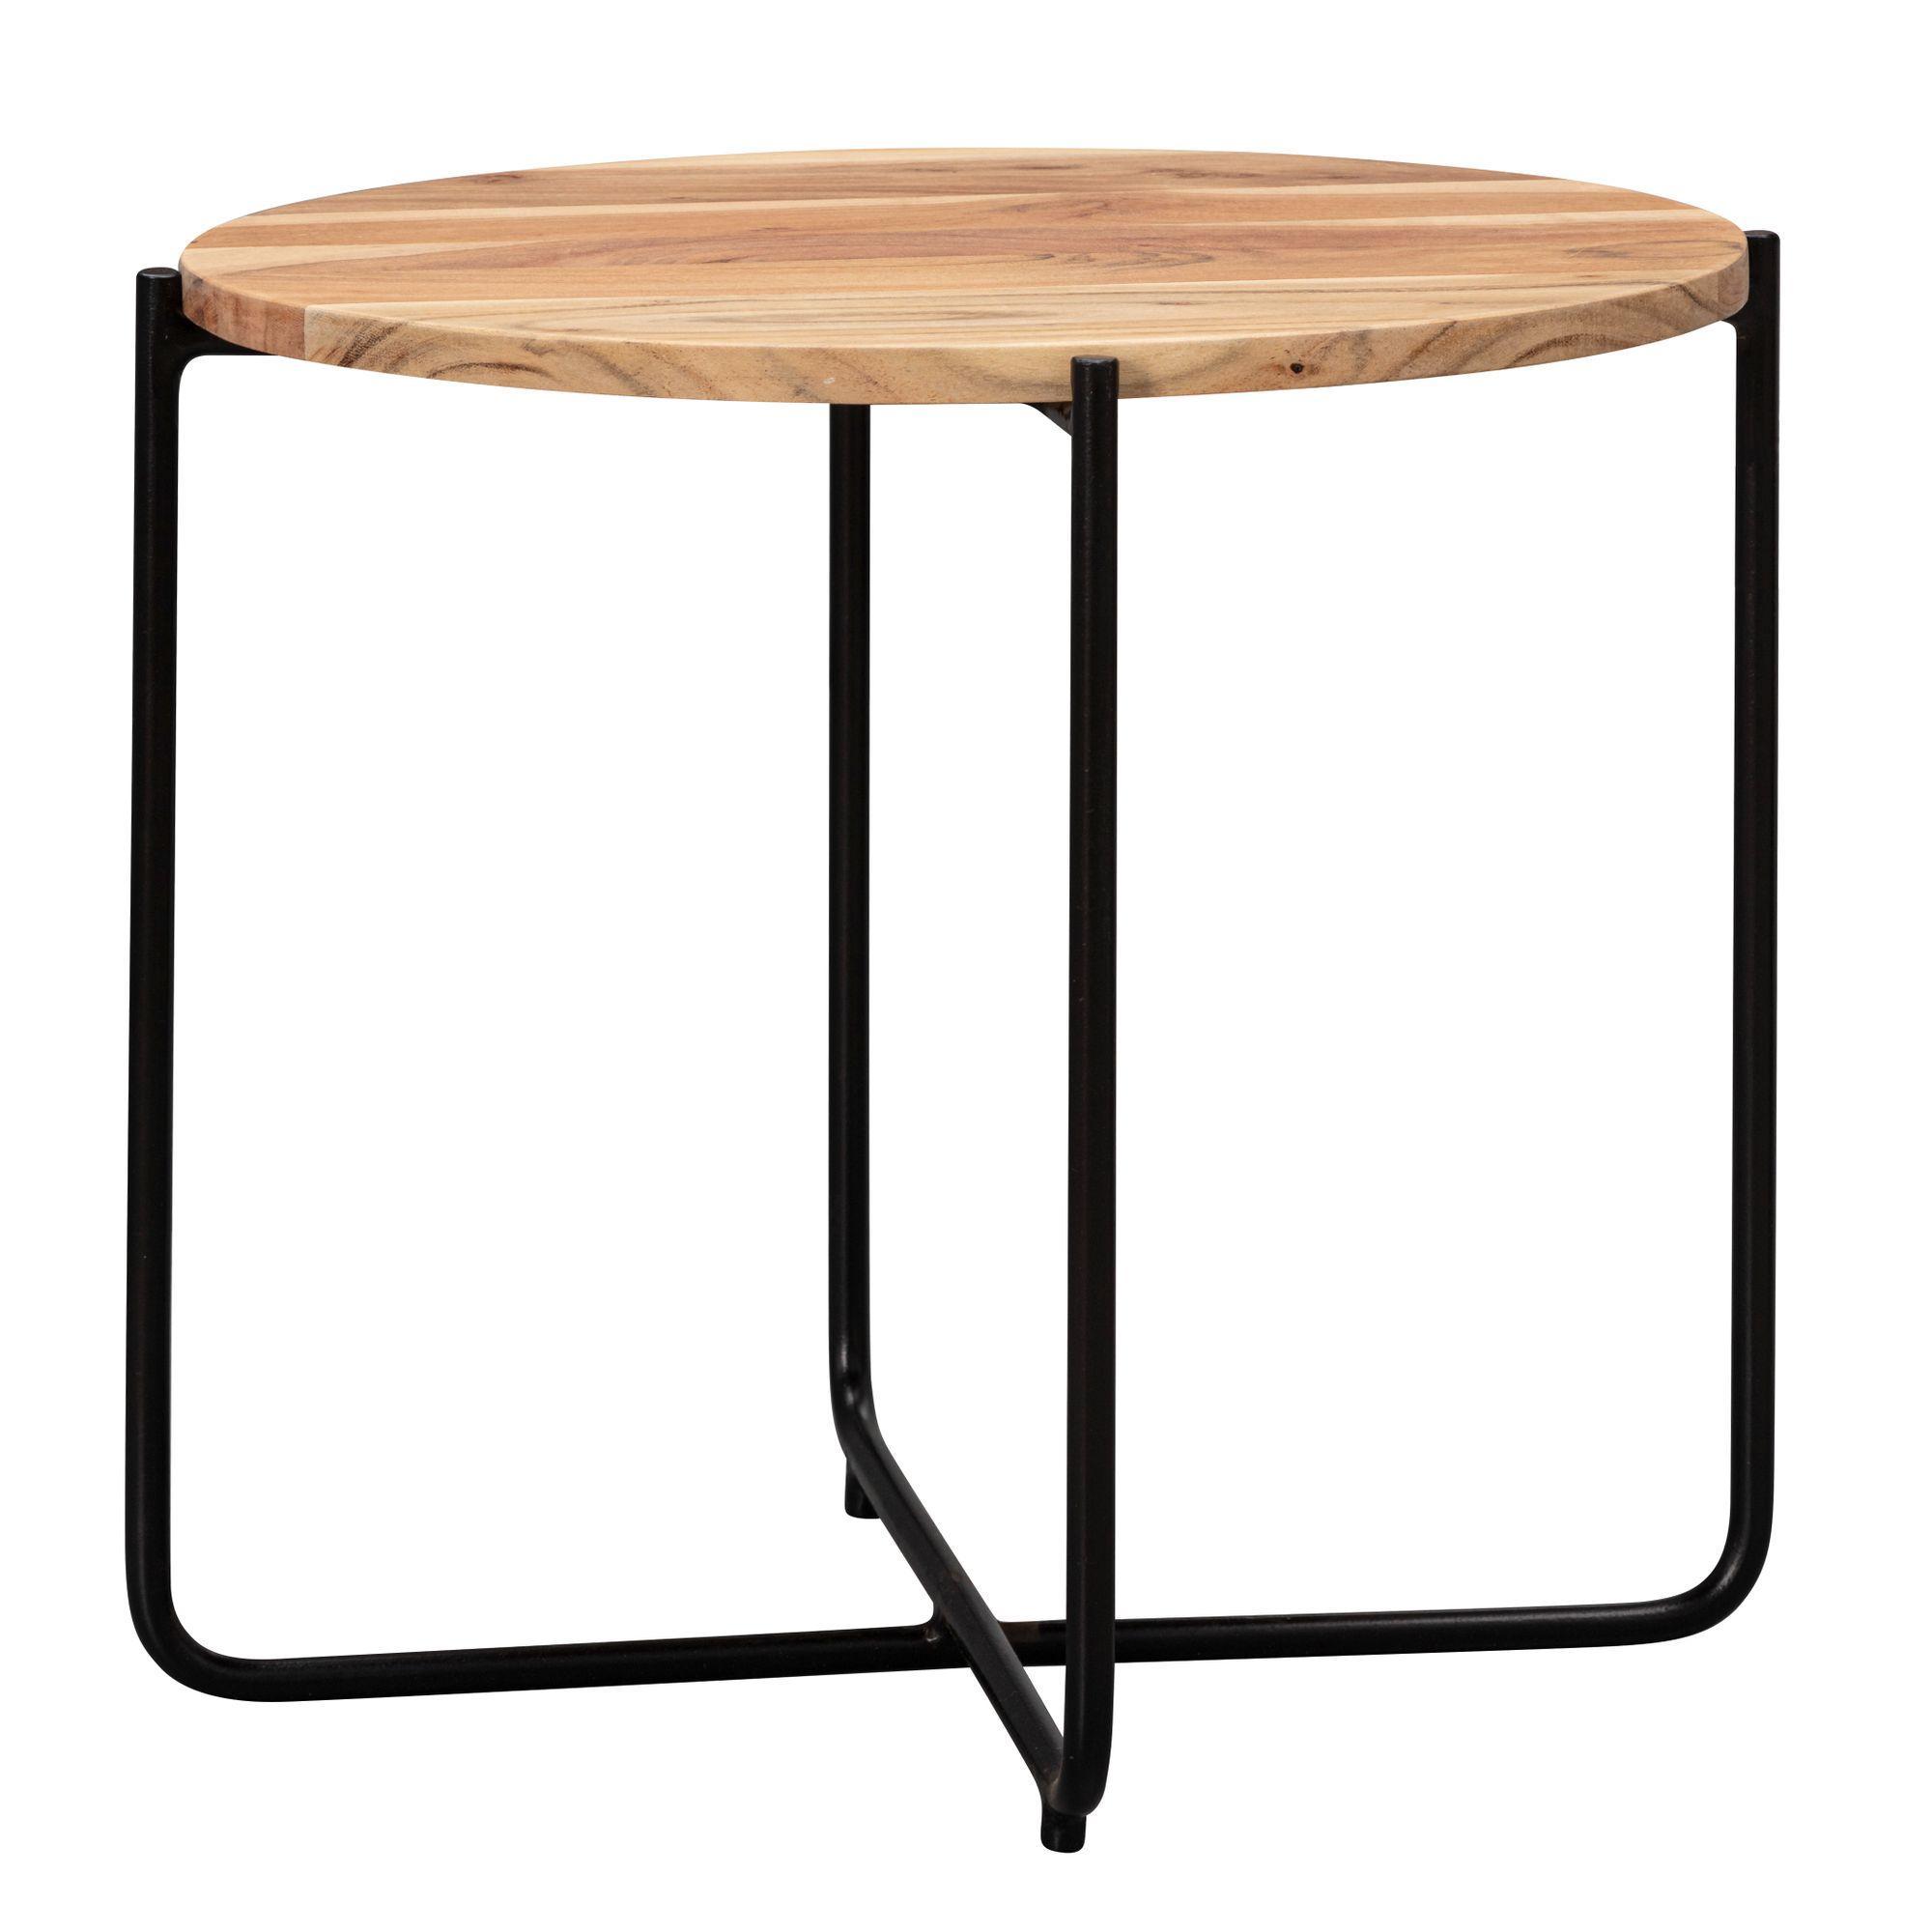 Tisch Wohnzimmer Holz Rund